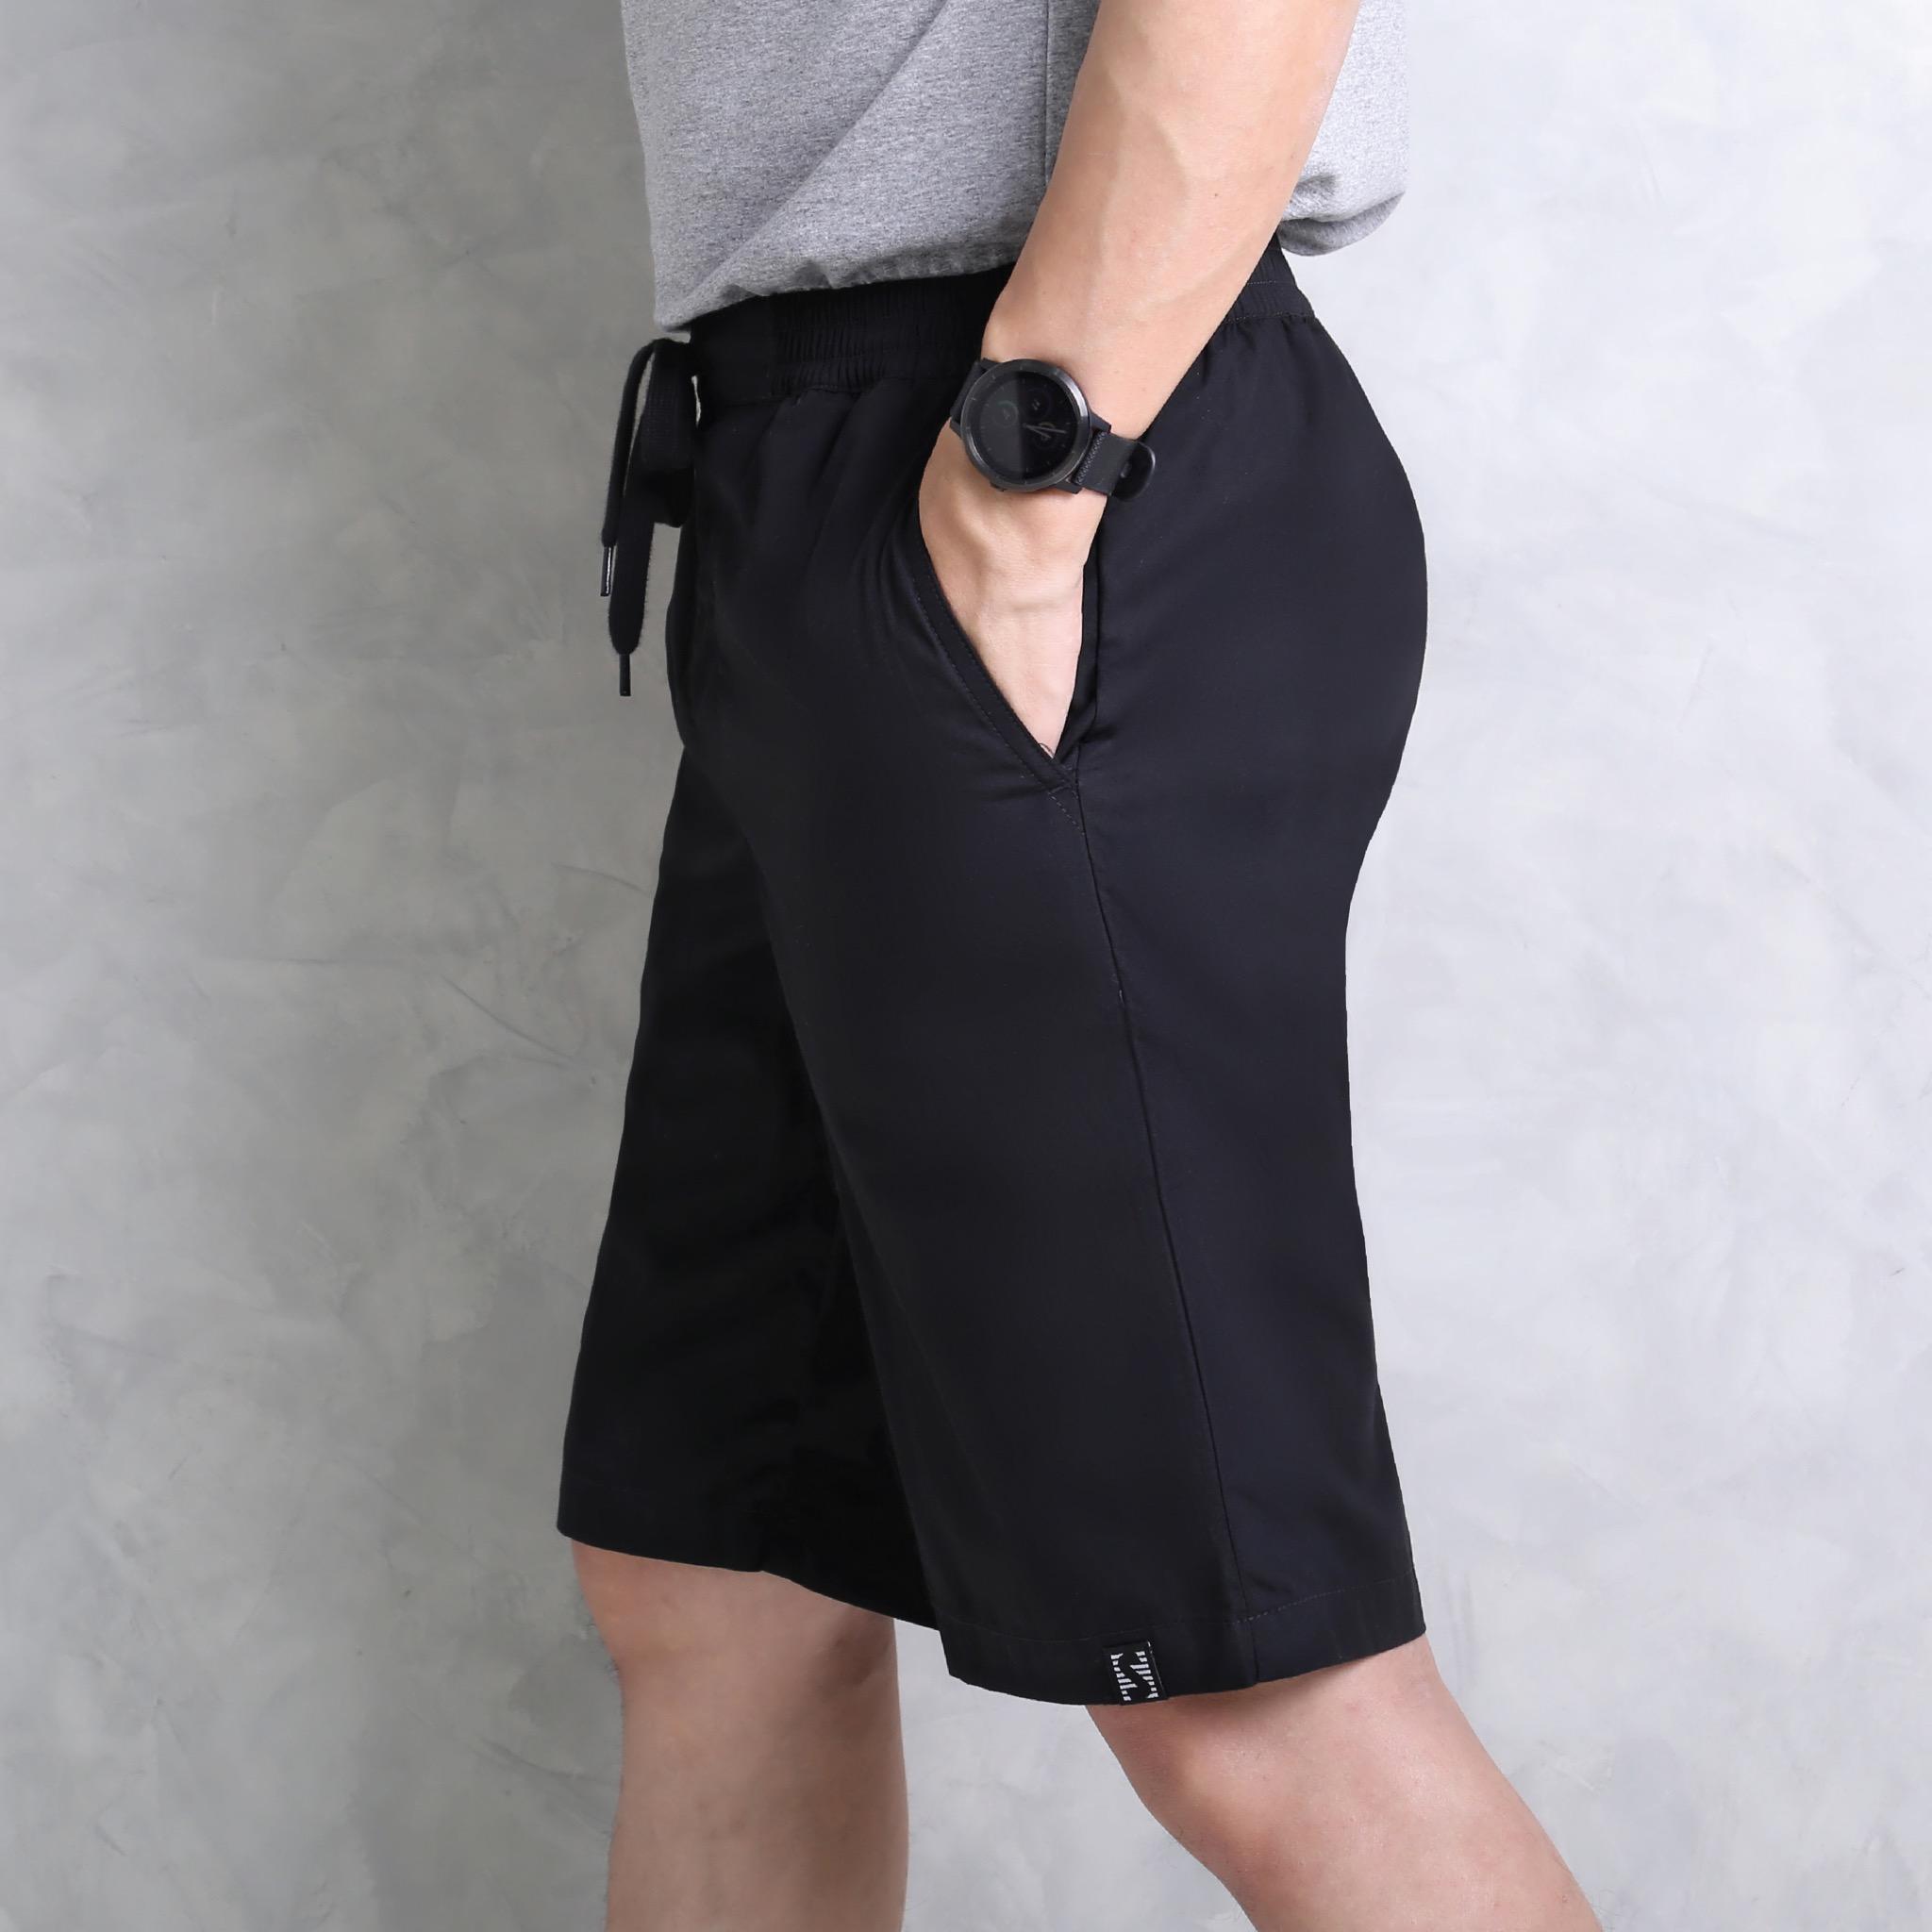 กางเกงขาสั้น Cotton Woven สีดำ รหัส SCTK3